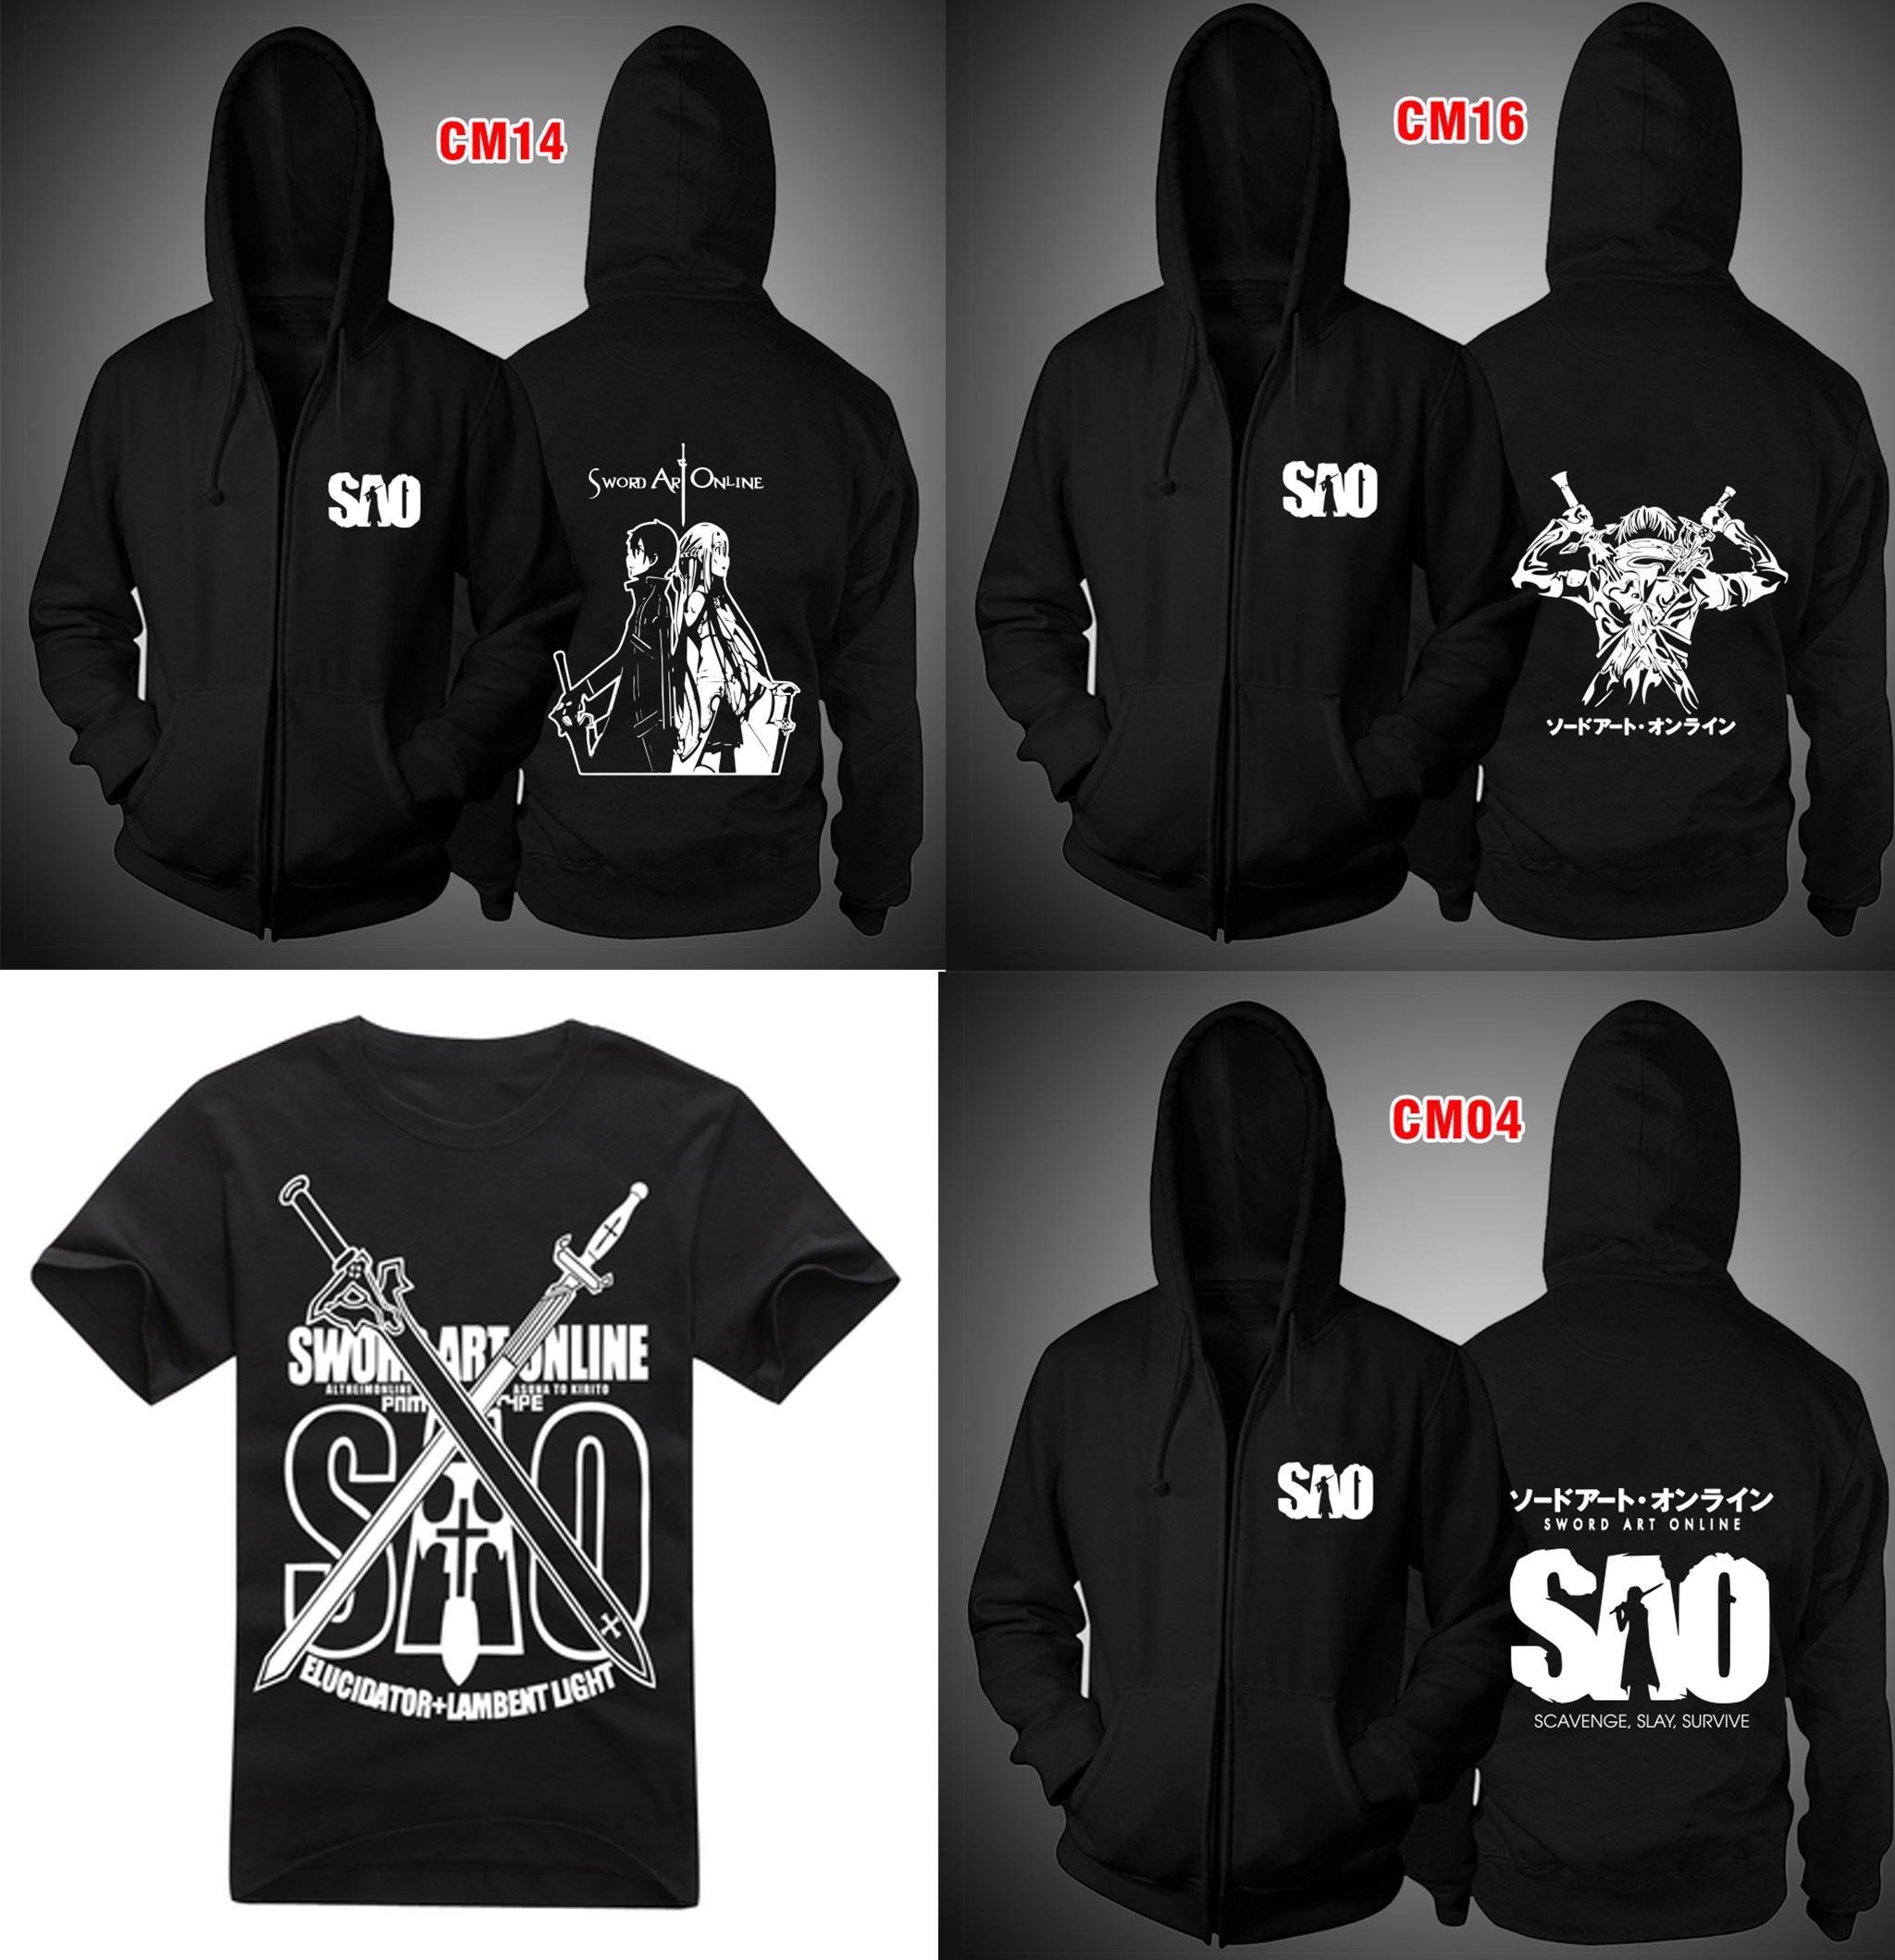 Tổng hợp các mẫu áo thun - áo khoác Sword Art Online - áo SAO theo yêu cầu giá rẻ